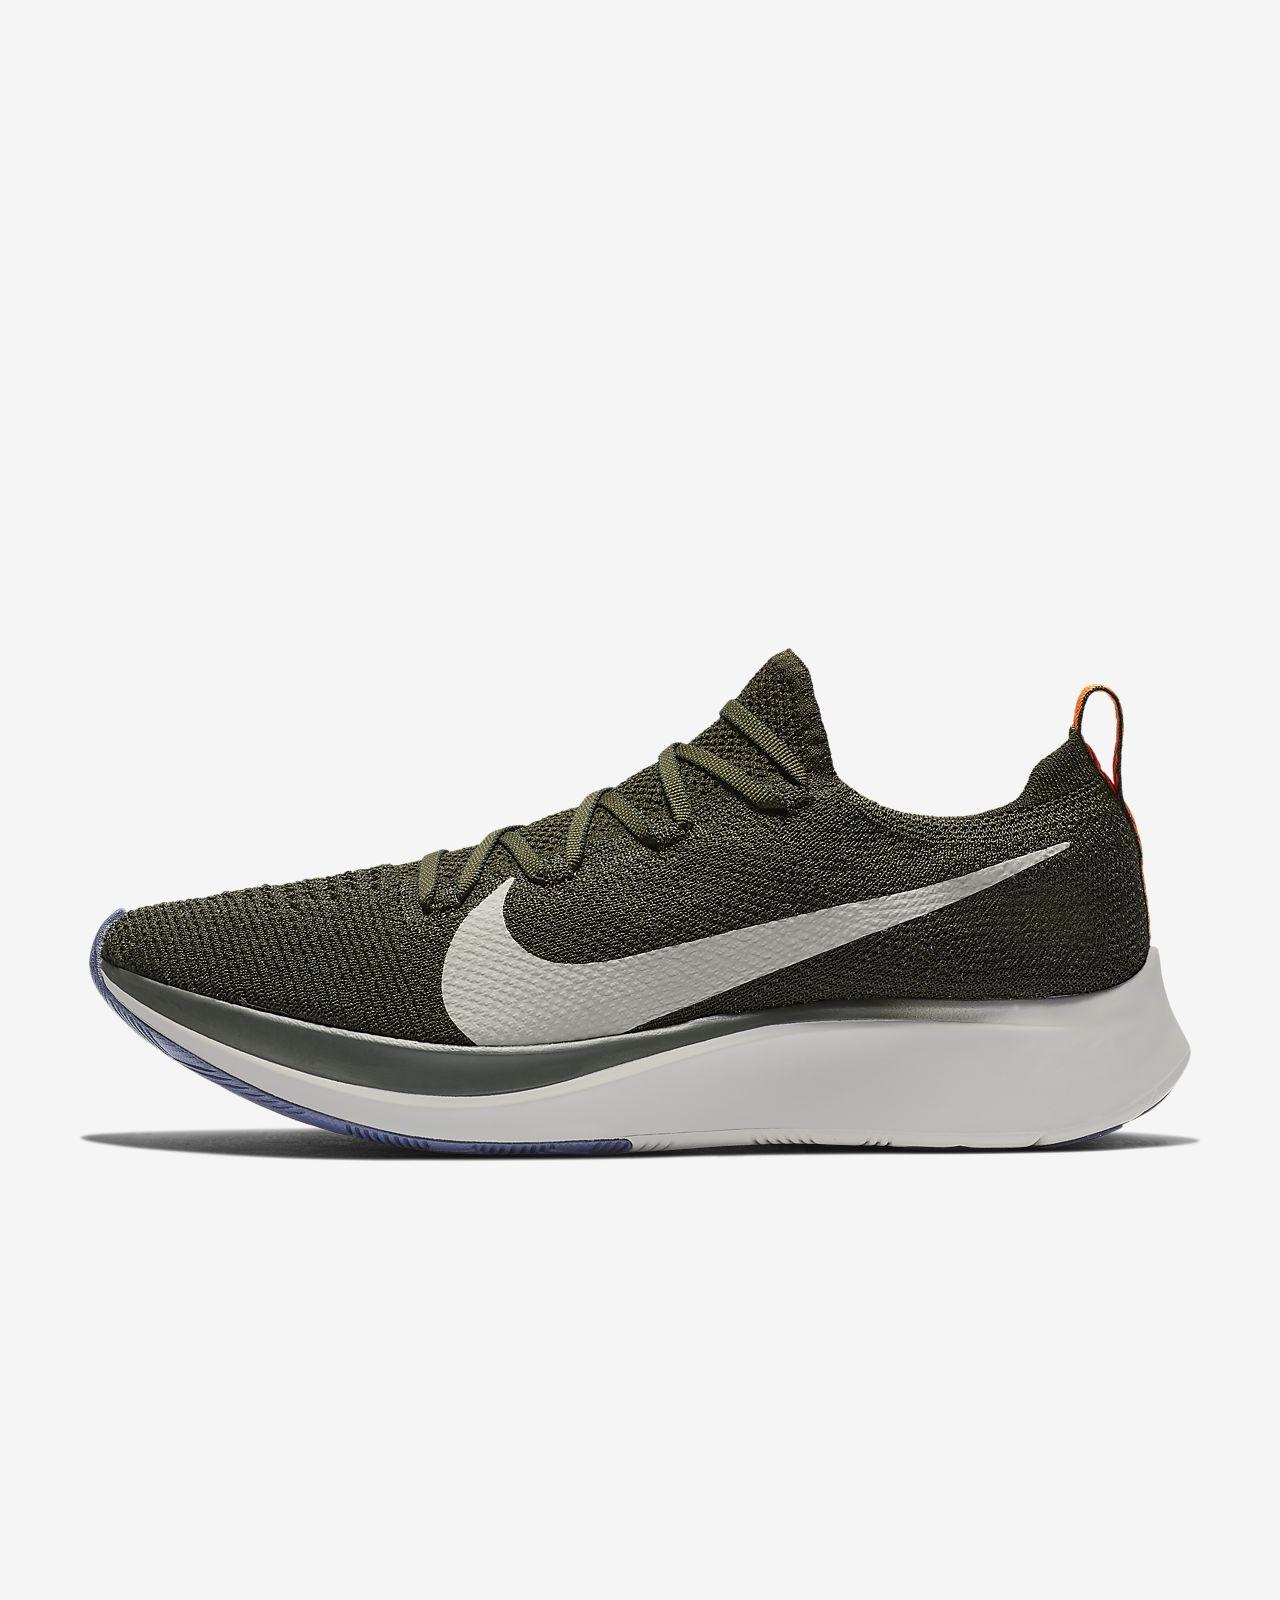 hot sale online 28ad2 ddbde ... Nike Zoom Fly Flyknit Herren-Laufschuh